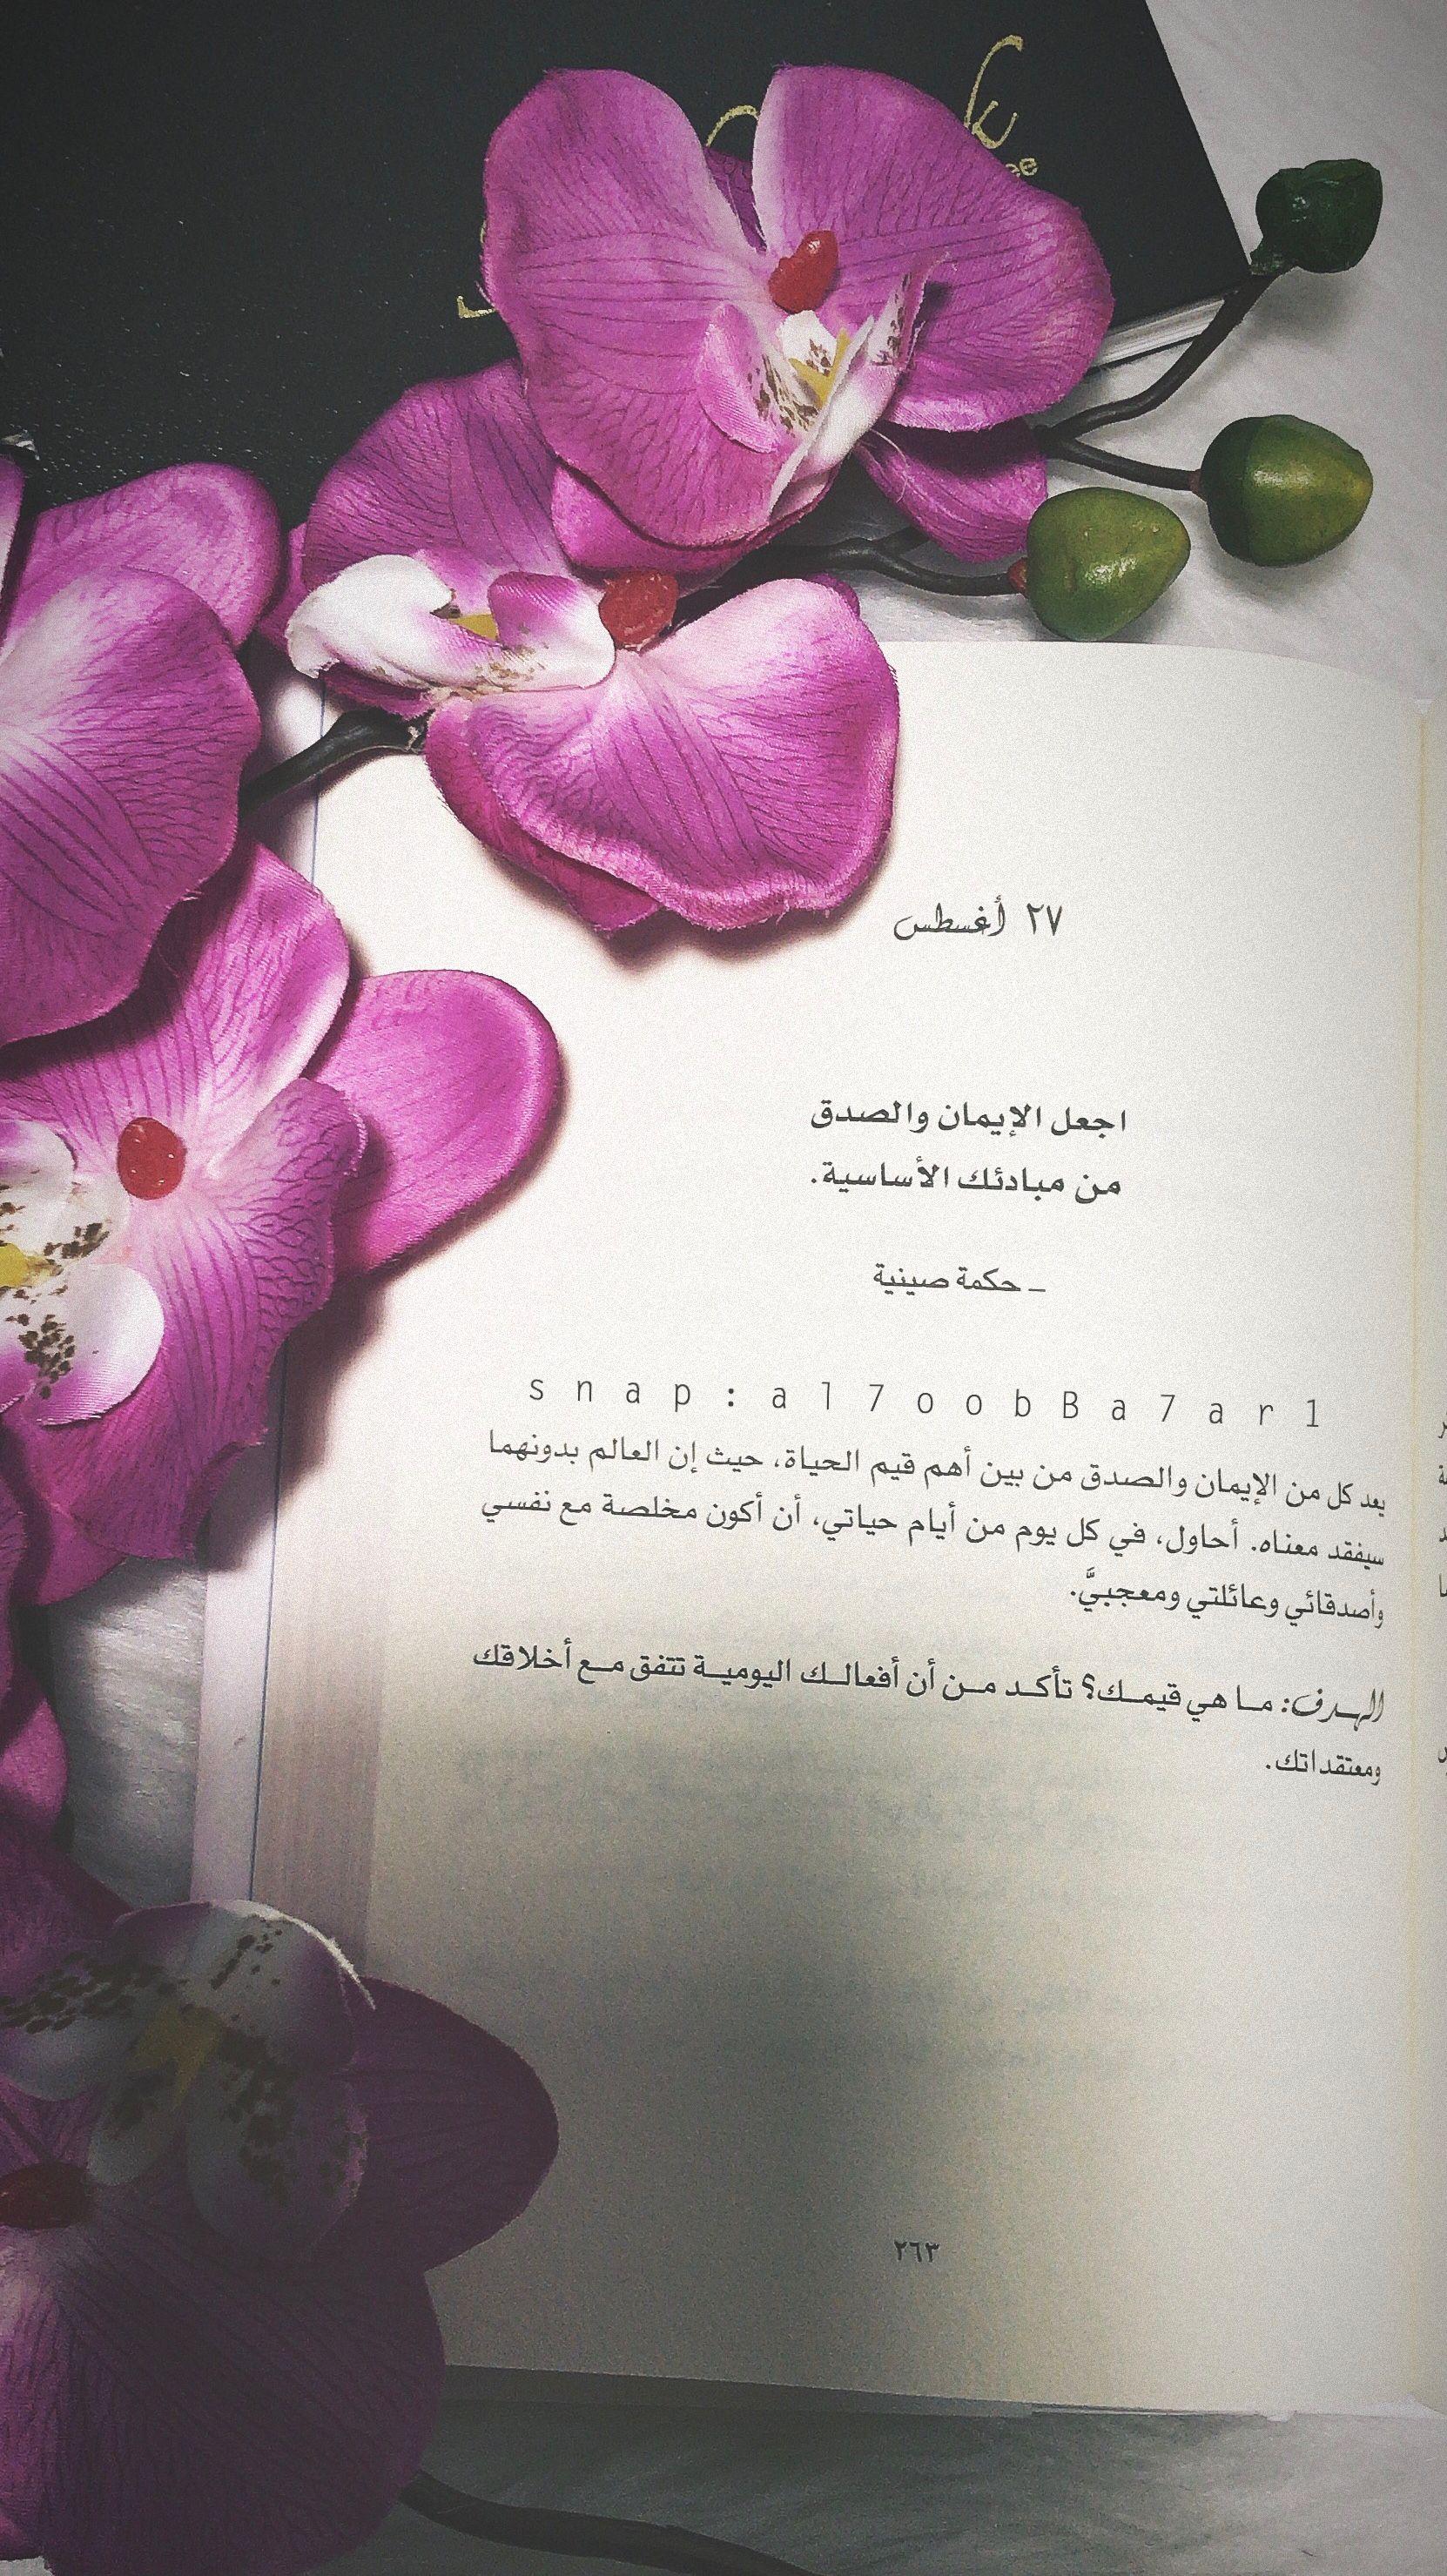 اجعل الإيمان والصدق من بين أهم قيم الحياة ومن مبادئك الأساسيه 27 أغسطس August مواليد أغسطس Flowers Cards Personality Types